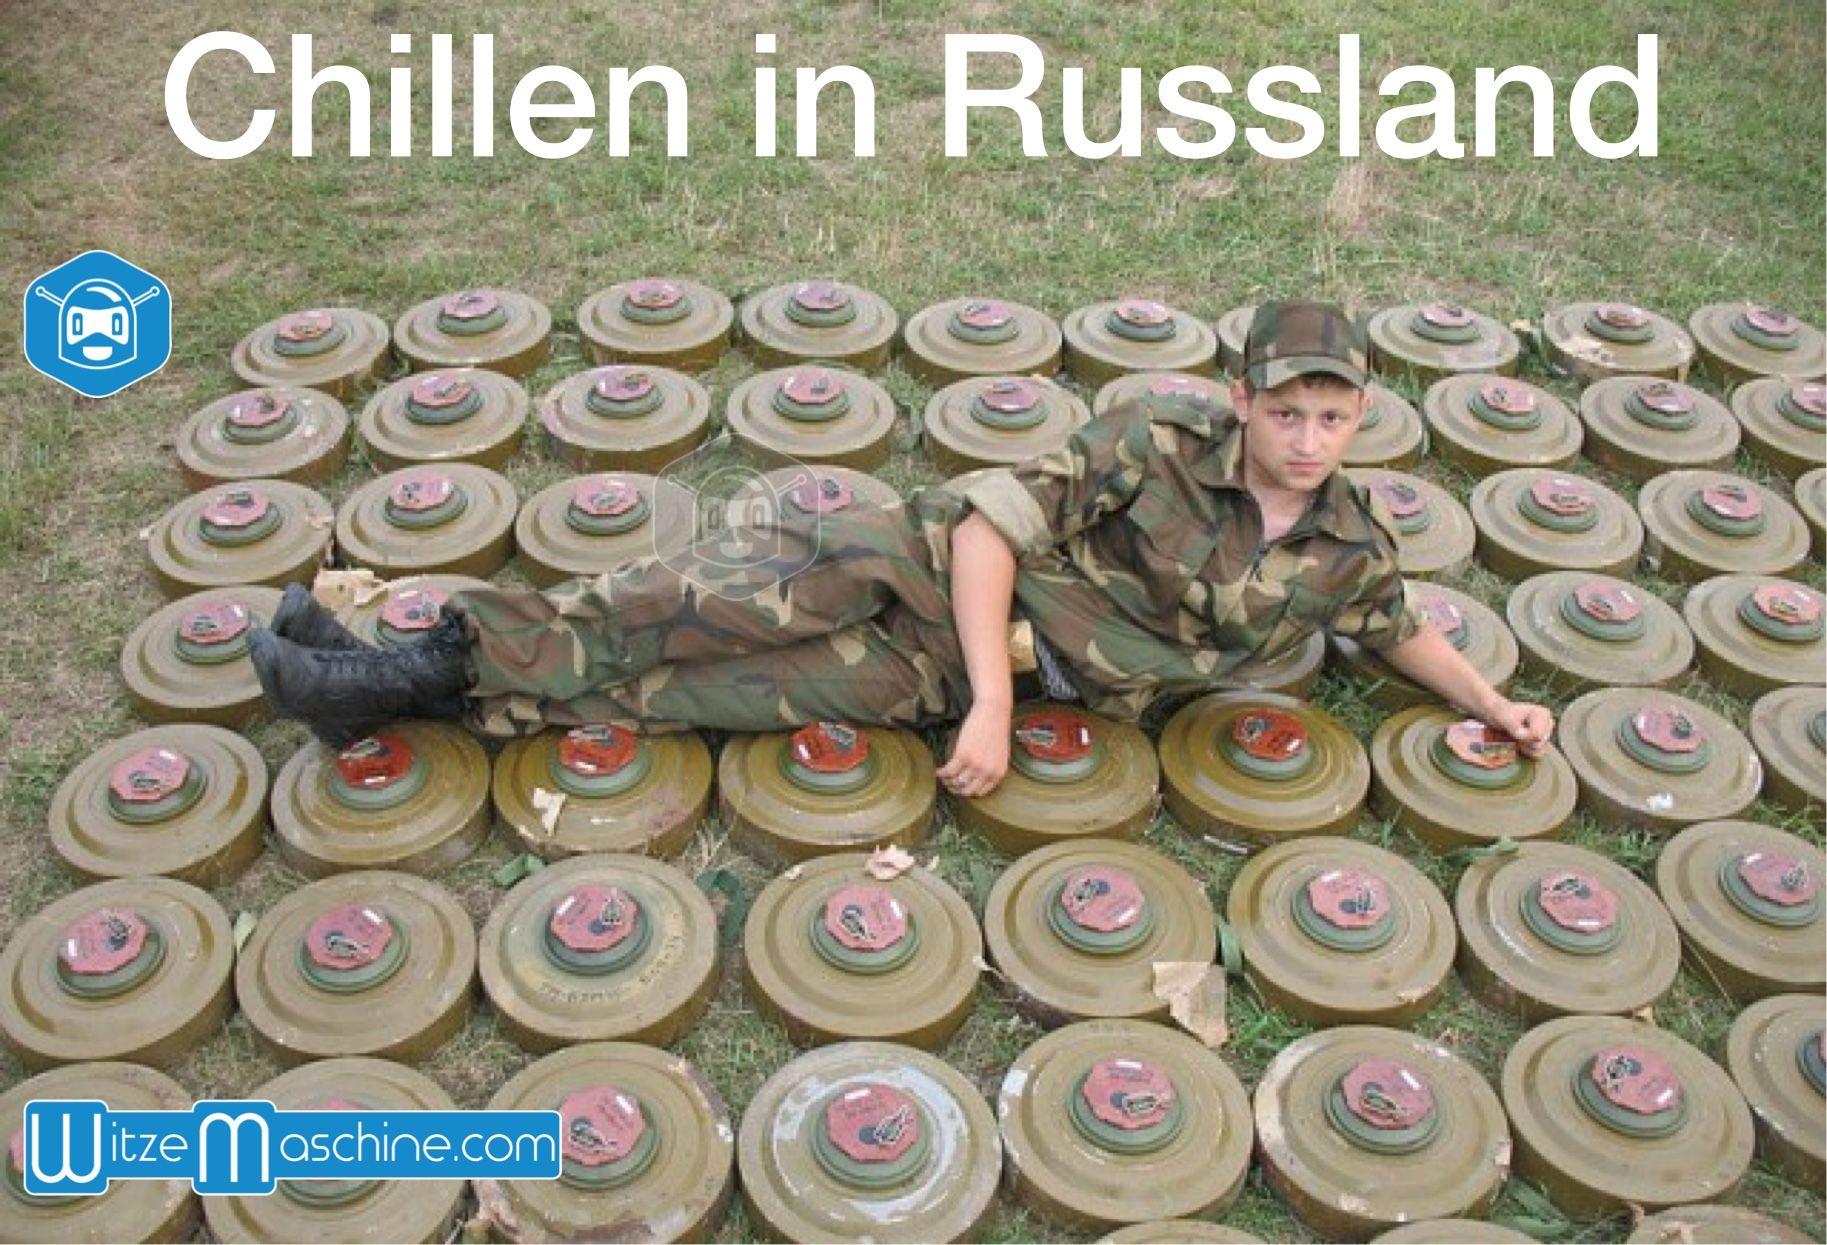 Russen Witz